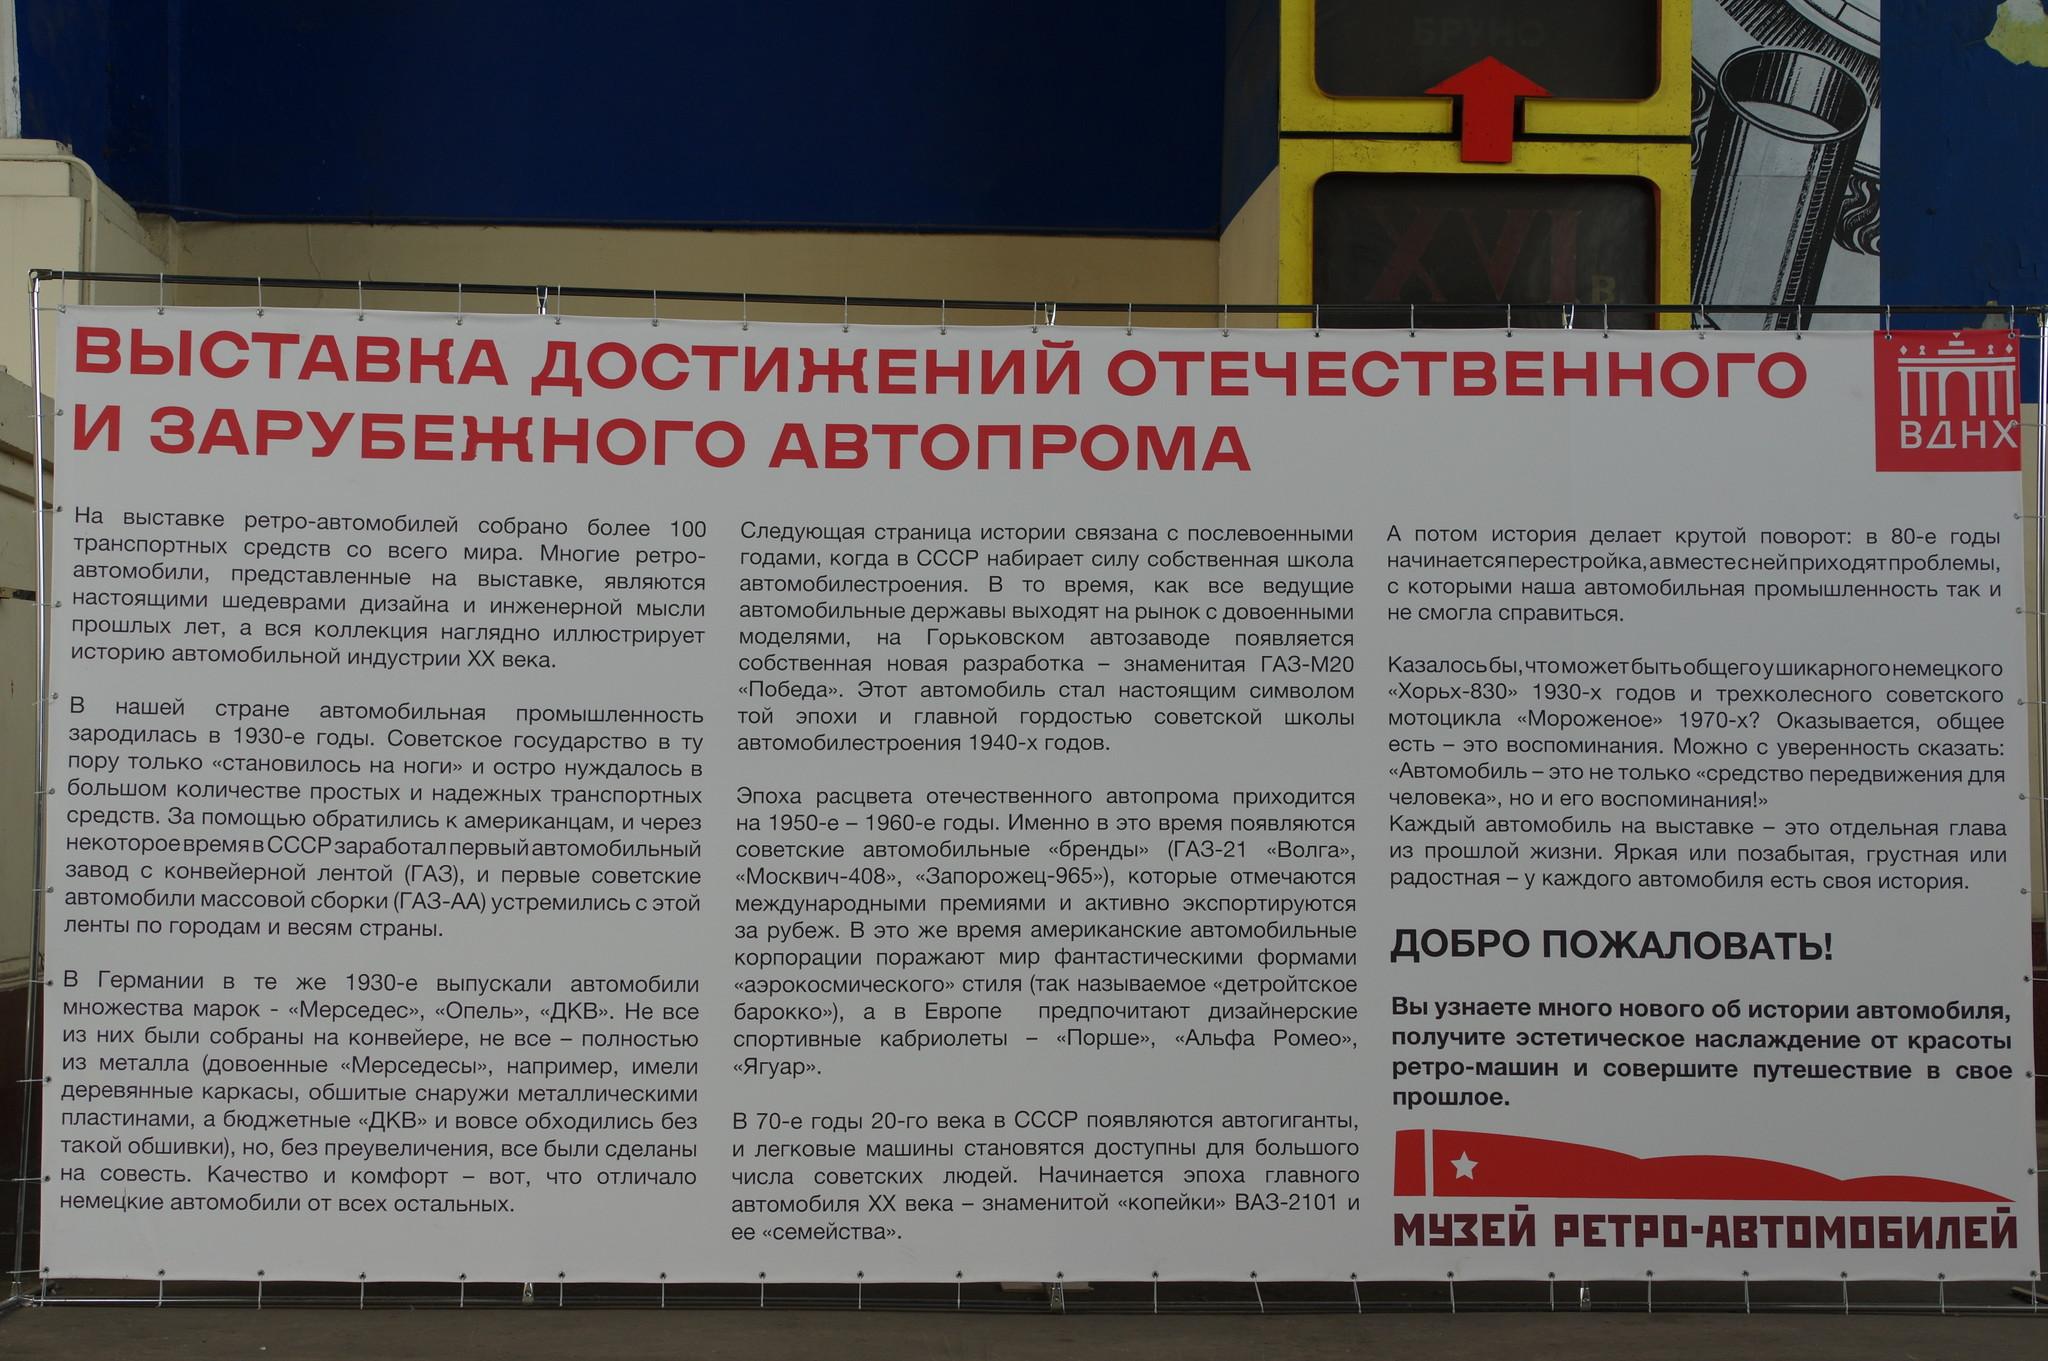 «Выставка достижений отечественного и зарубежного автопрома» в павильоне №32 «Космос» на ВДНХ